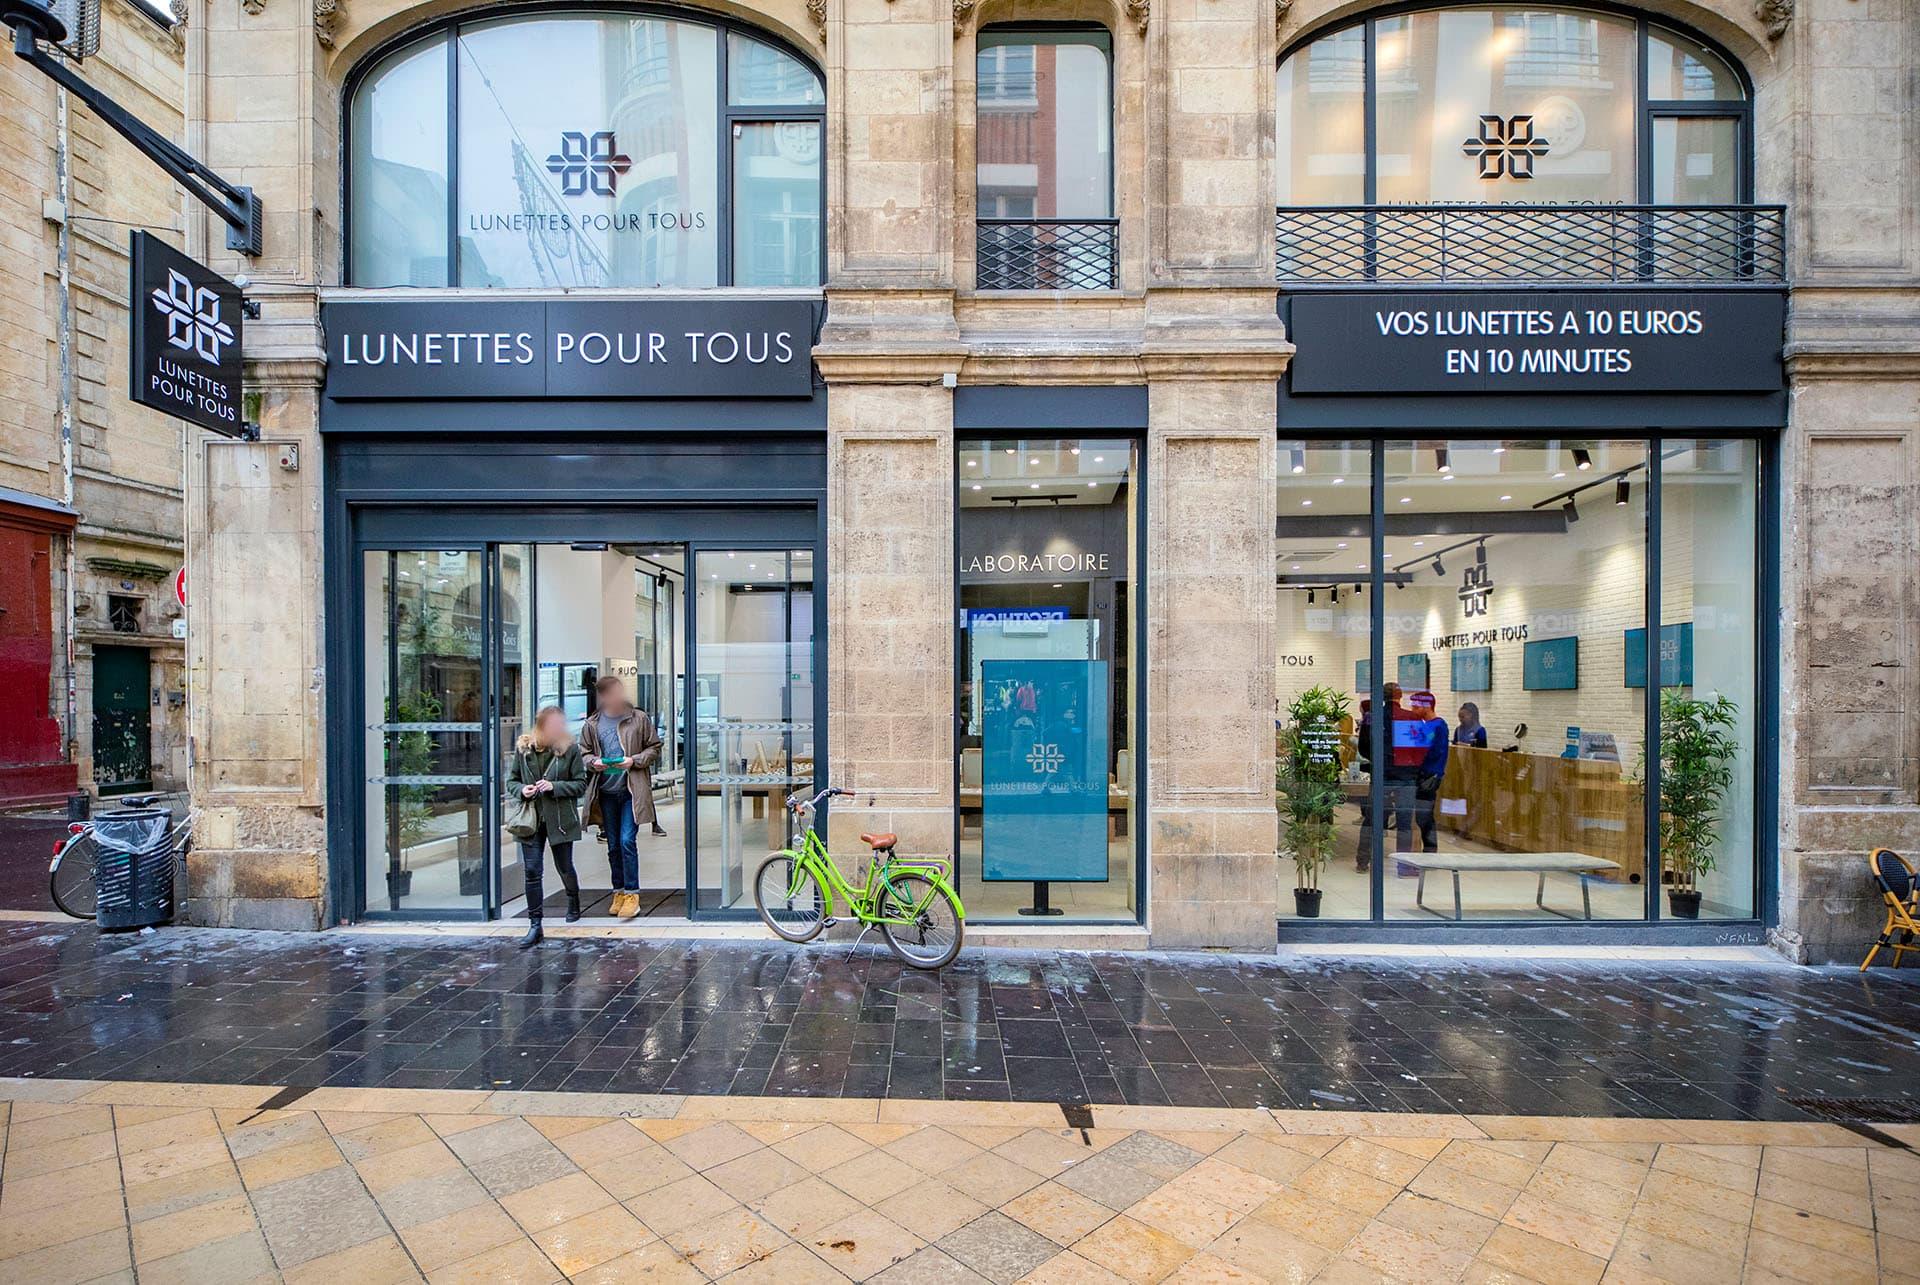 vente chaude haute couture vif et grand en style Nos boutiques et magasins dans votre ville - Lunettes Pour Tous